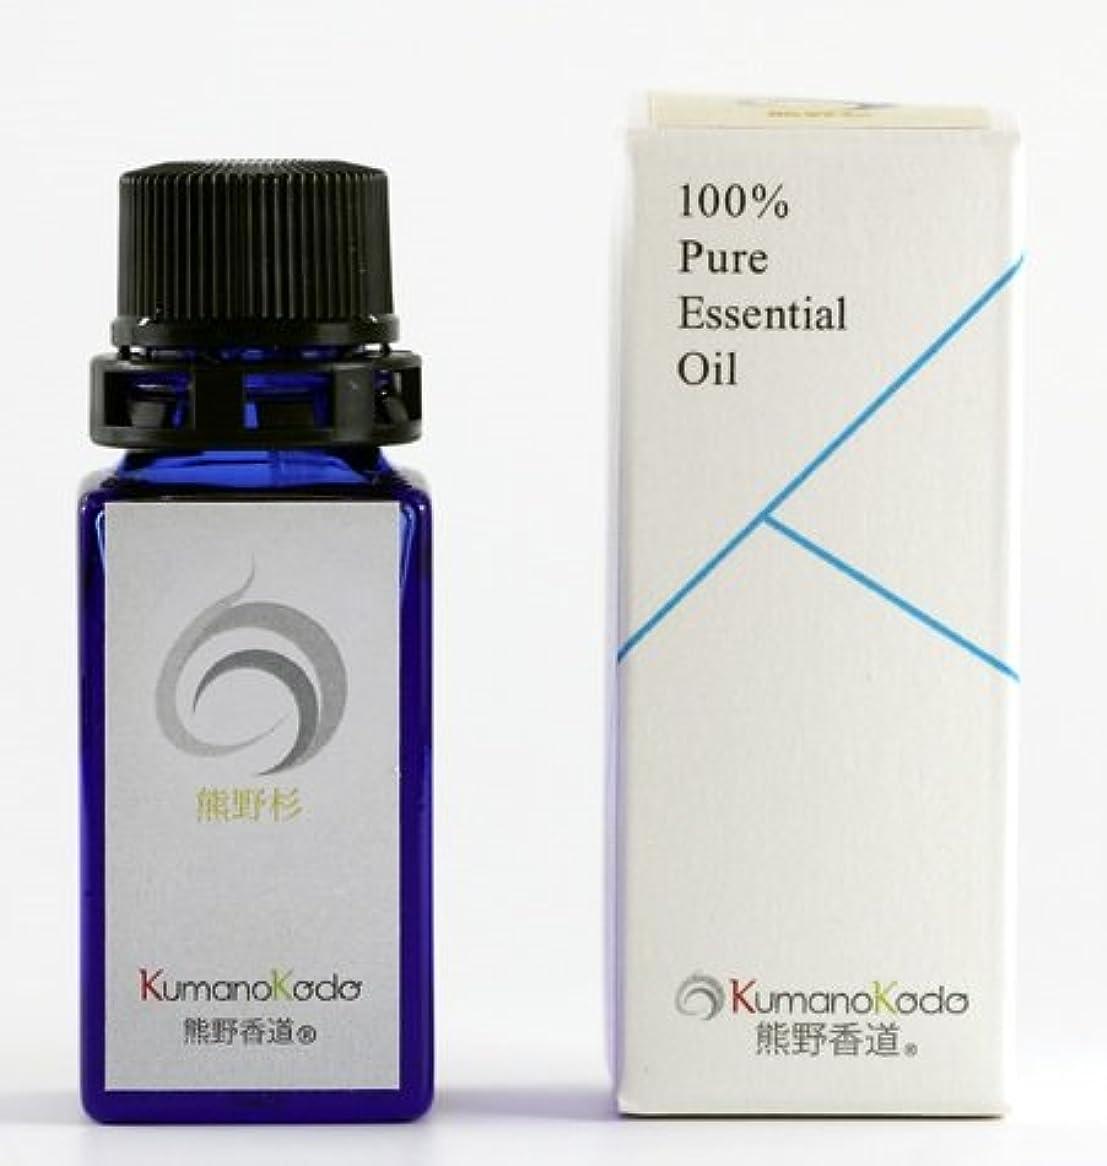 予防接種大いに包囲熊野香道 「熊野杉」 エッセンシャルオイル (精油?アロマオイル) 5ml